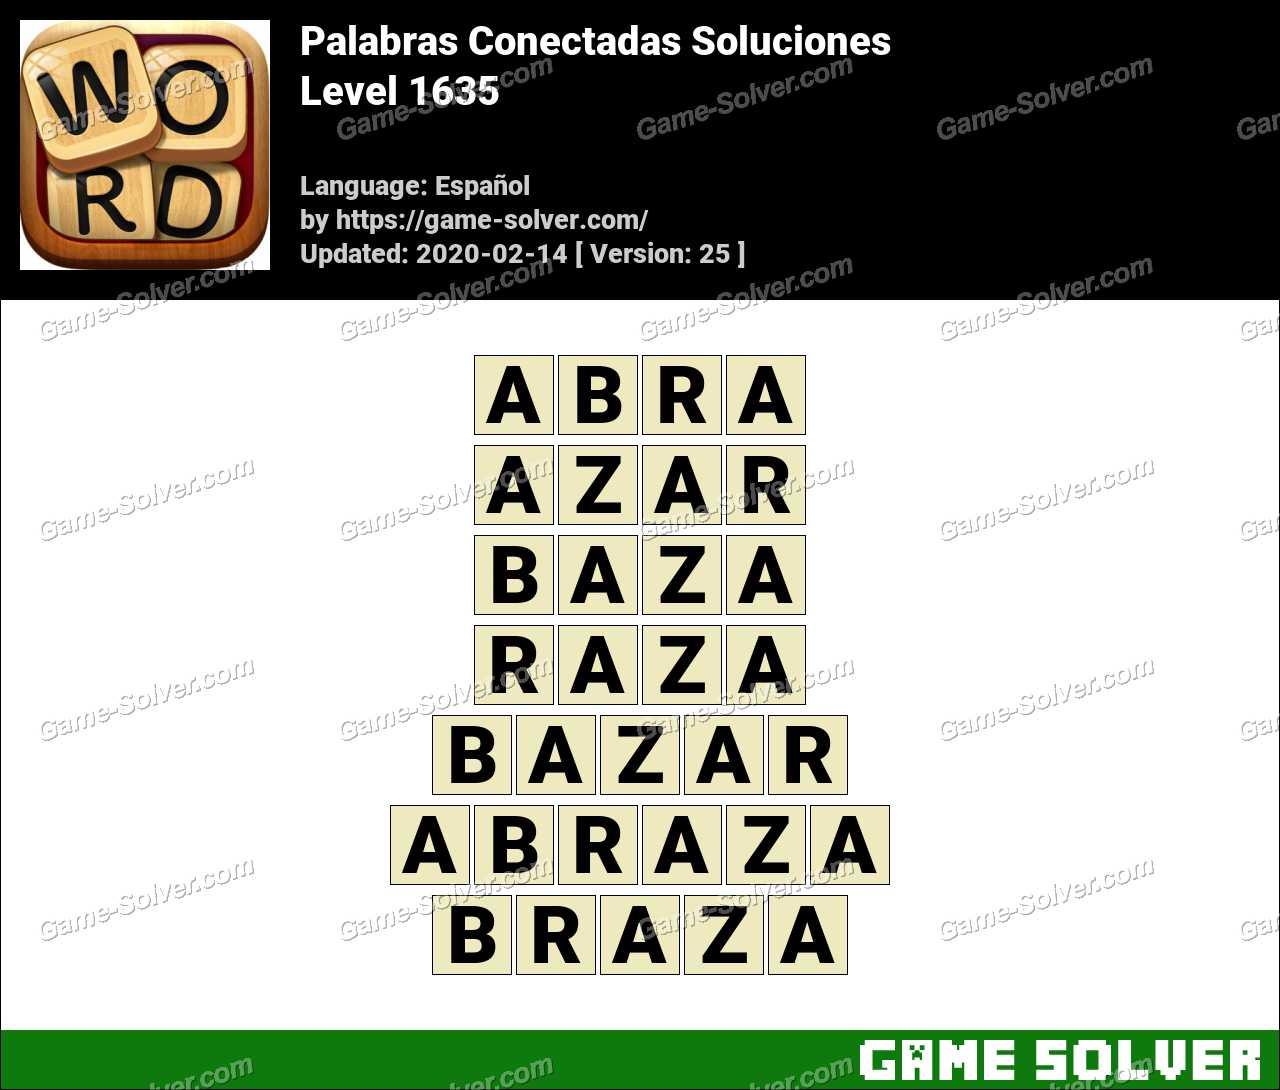 Palabras Conectadas Nivel 1635 Soluciones